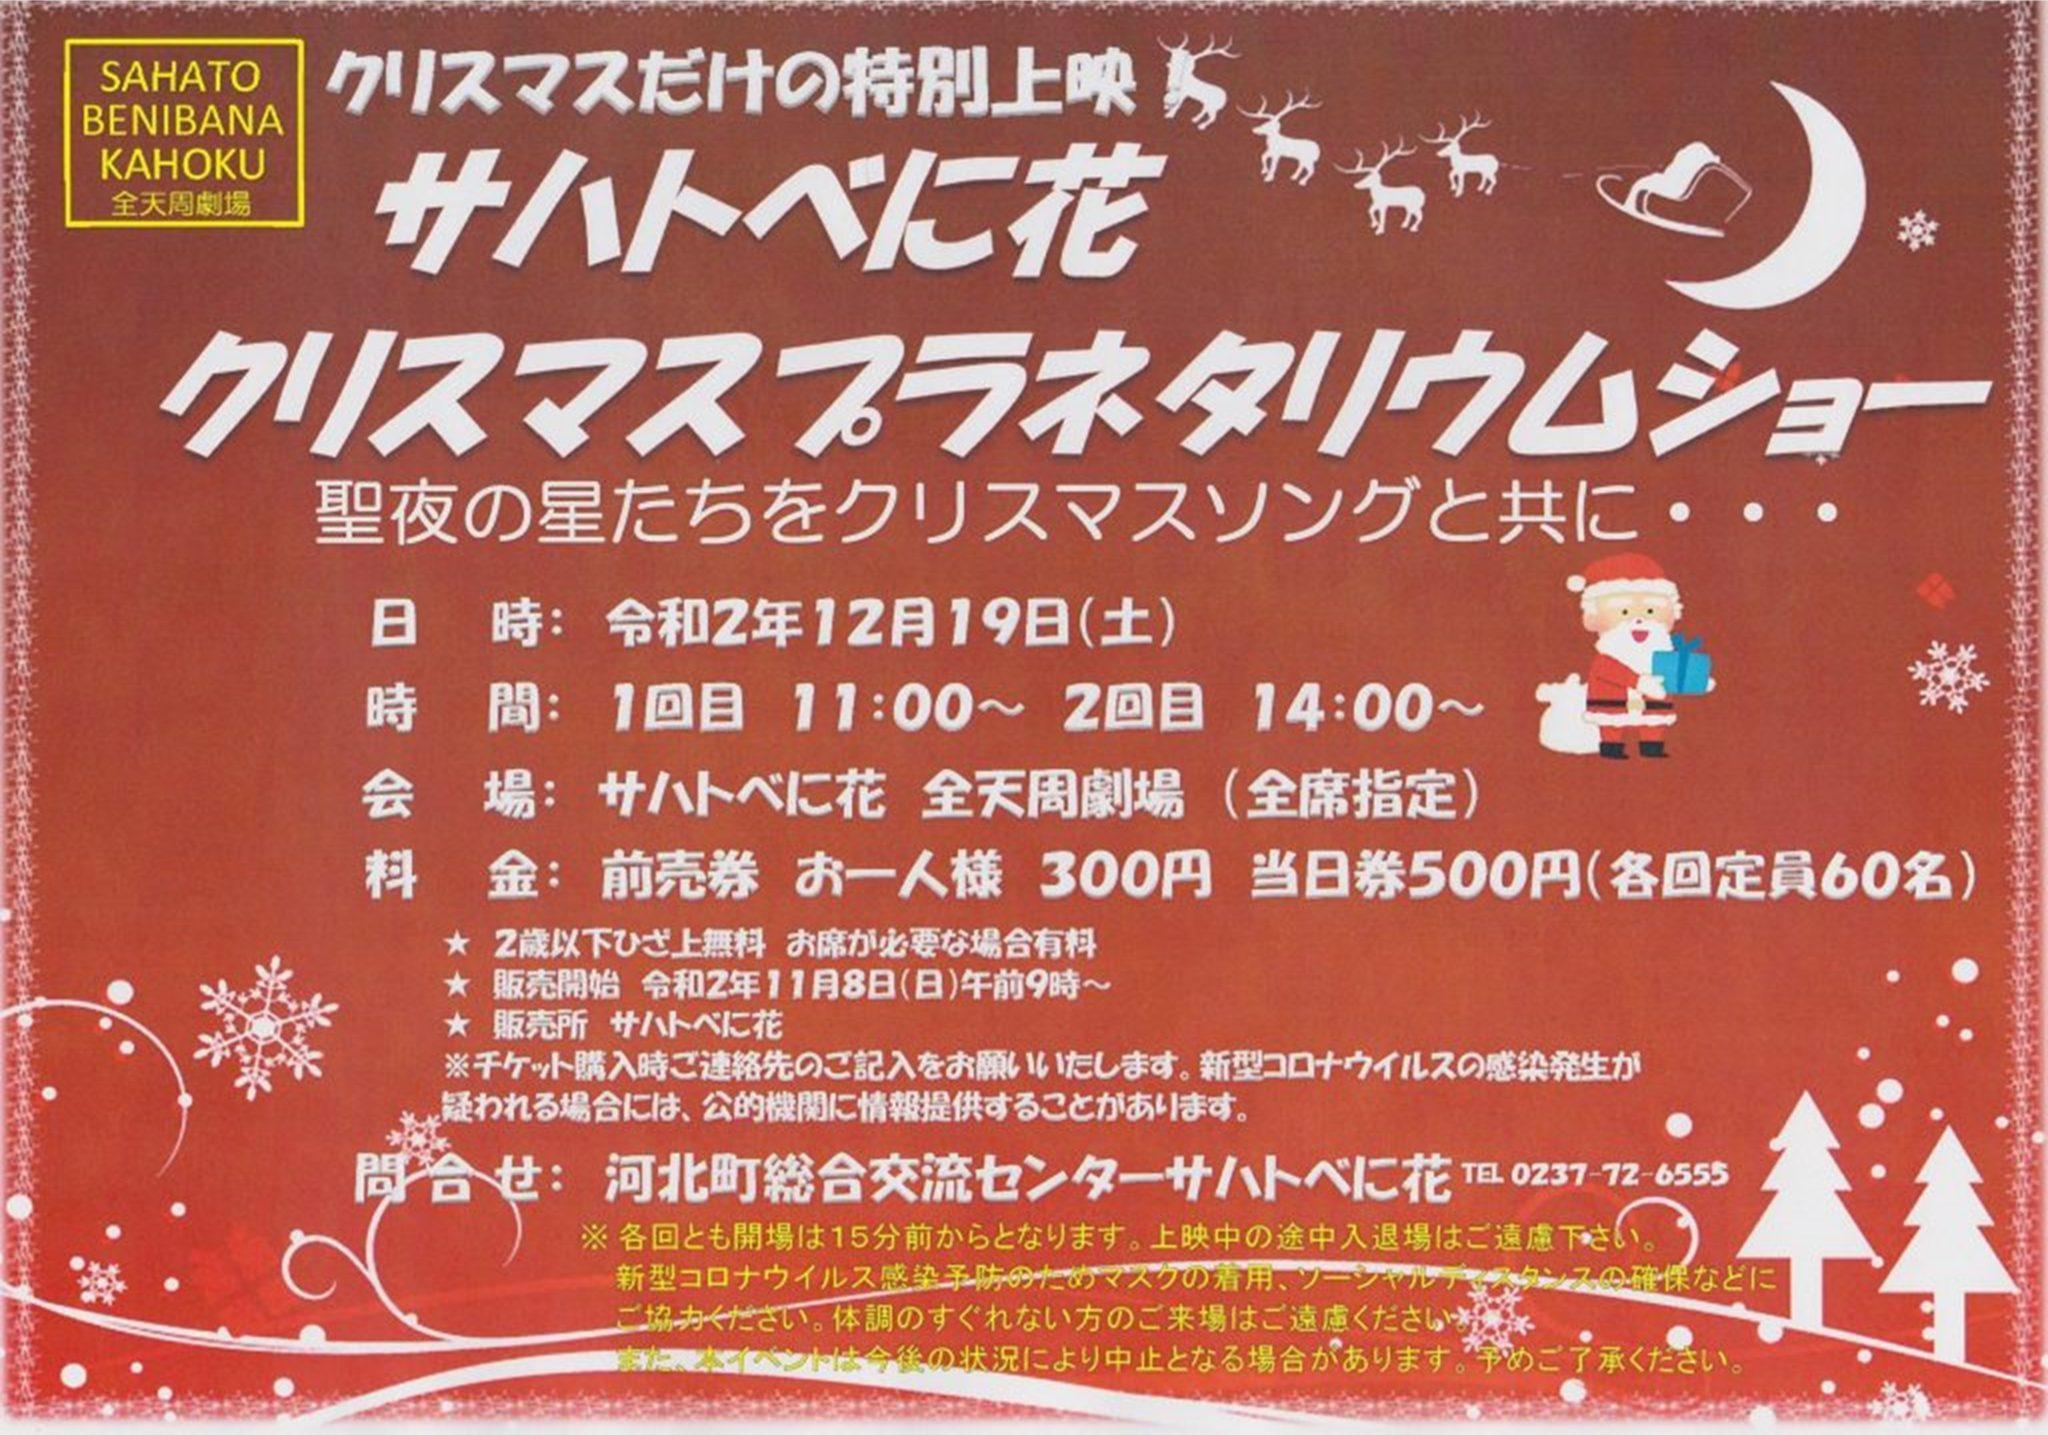 サハトべに花 クリスマスプラネタリウムショー